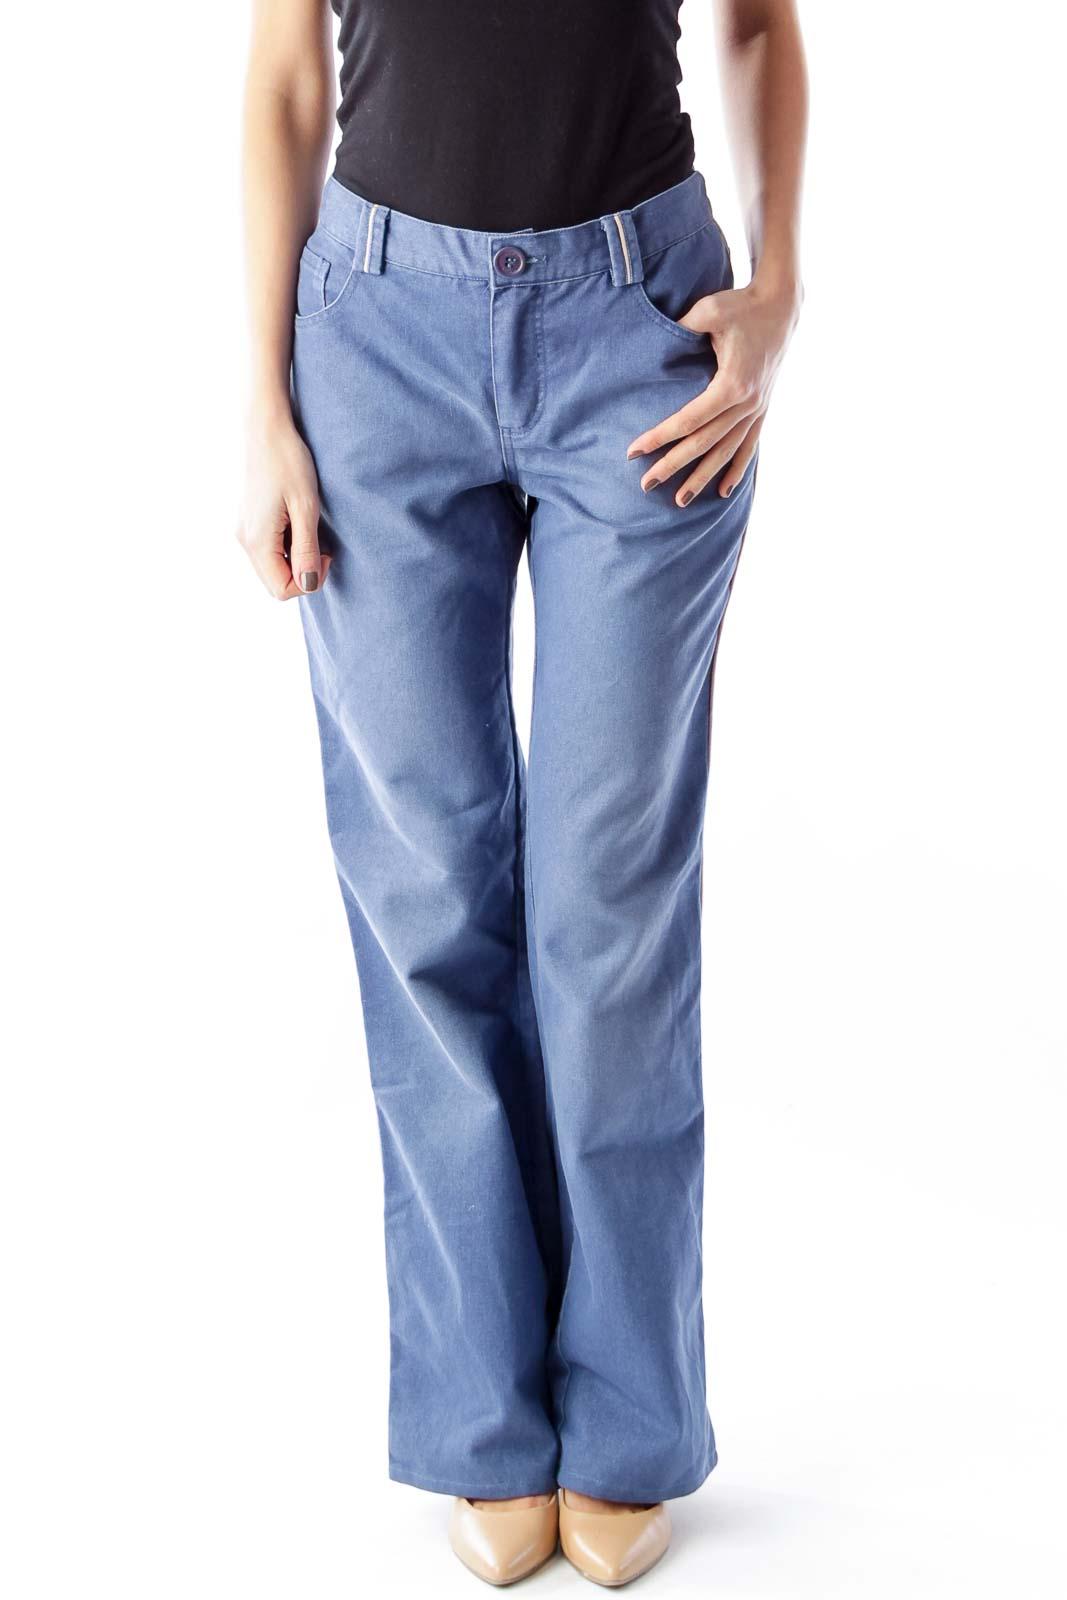 Blue High Waist Wide Leg Jeans Front